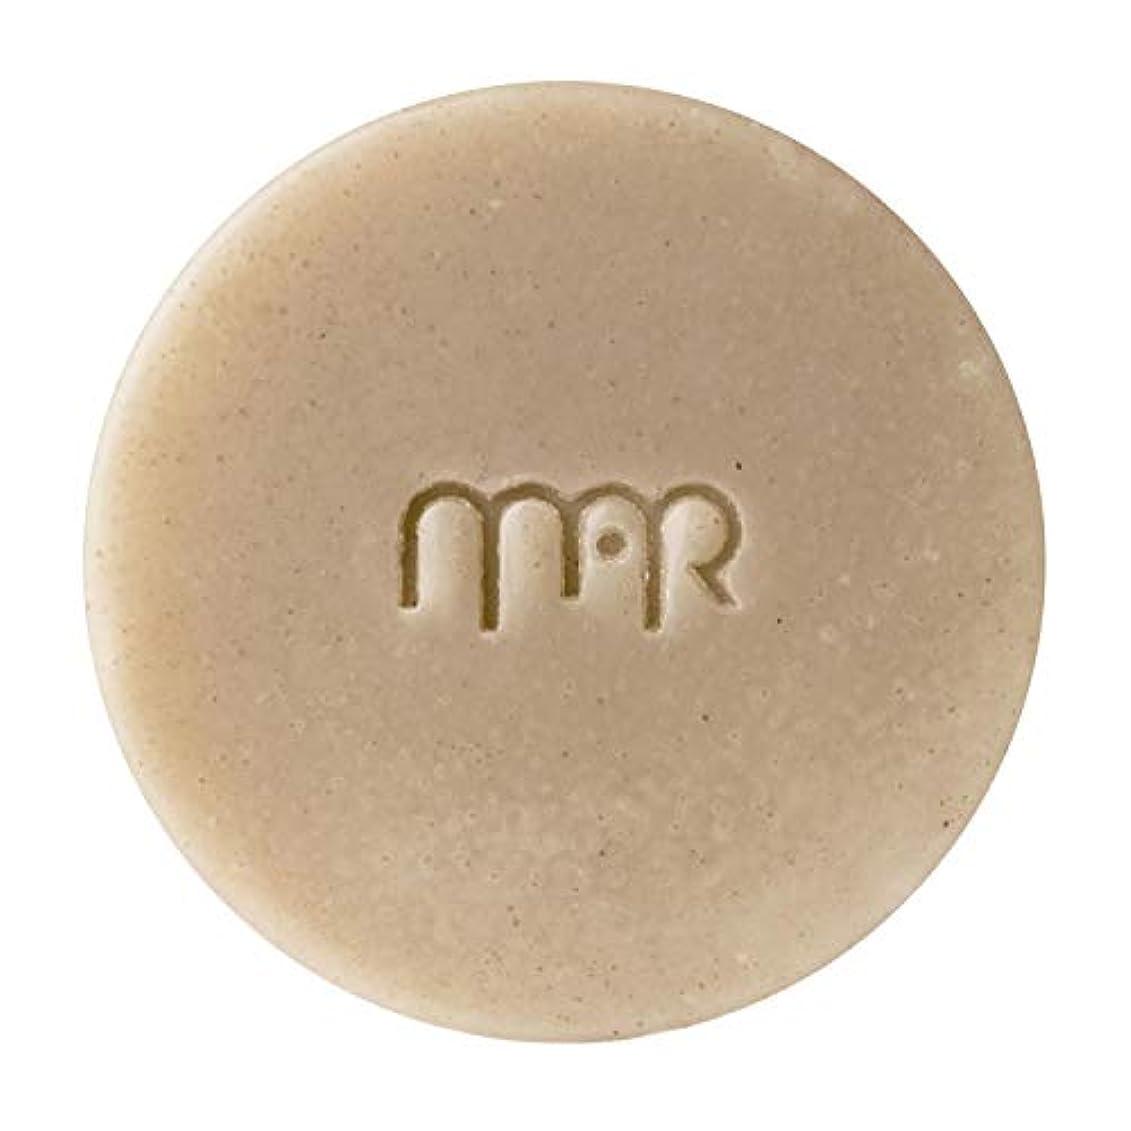 陰謀海外で太陽マールアペラル (MARapelar) オーガニッククレイ石鹸(大) 80g / 約30日分